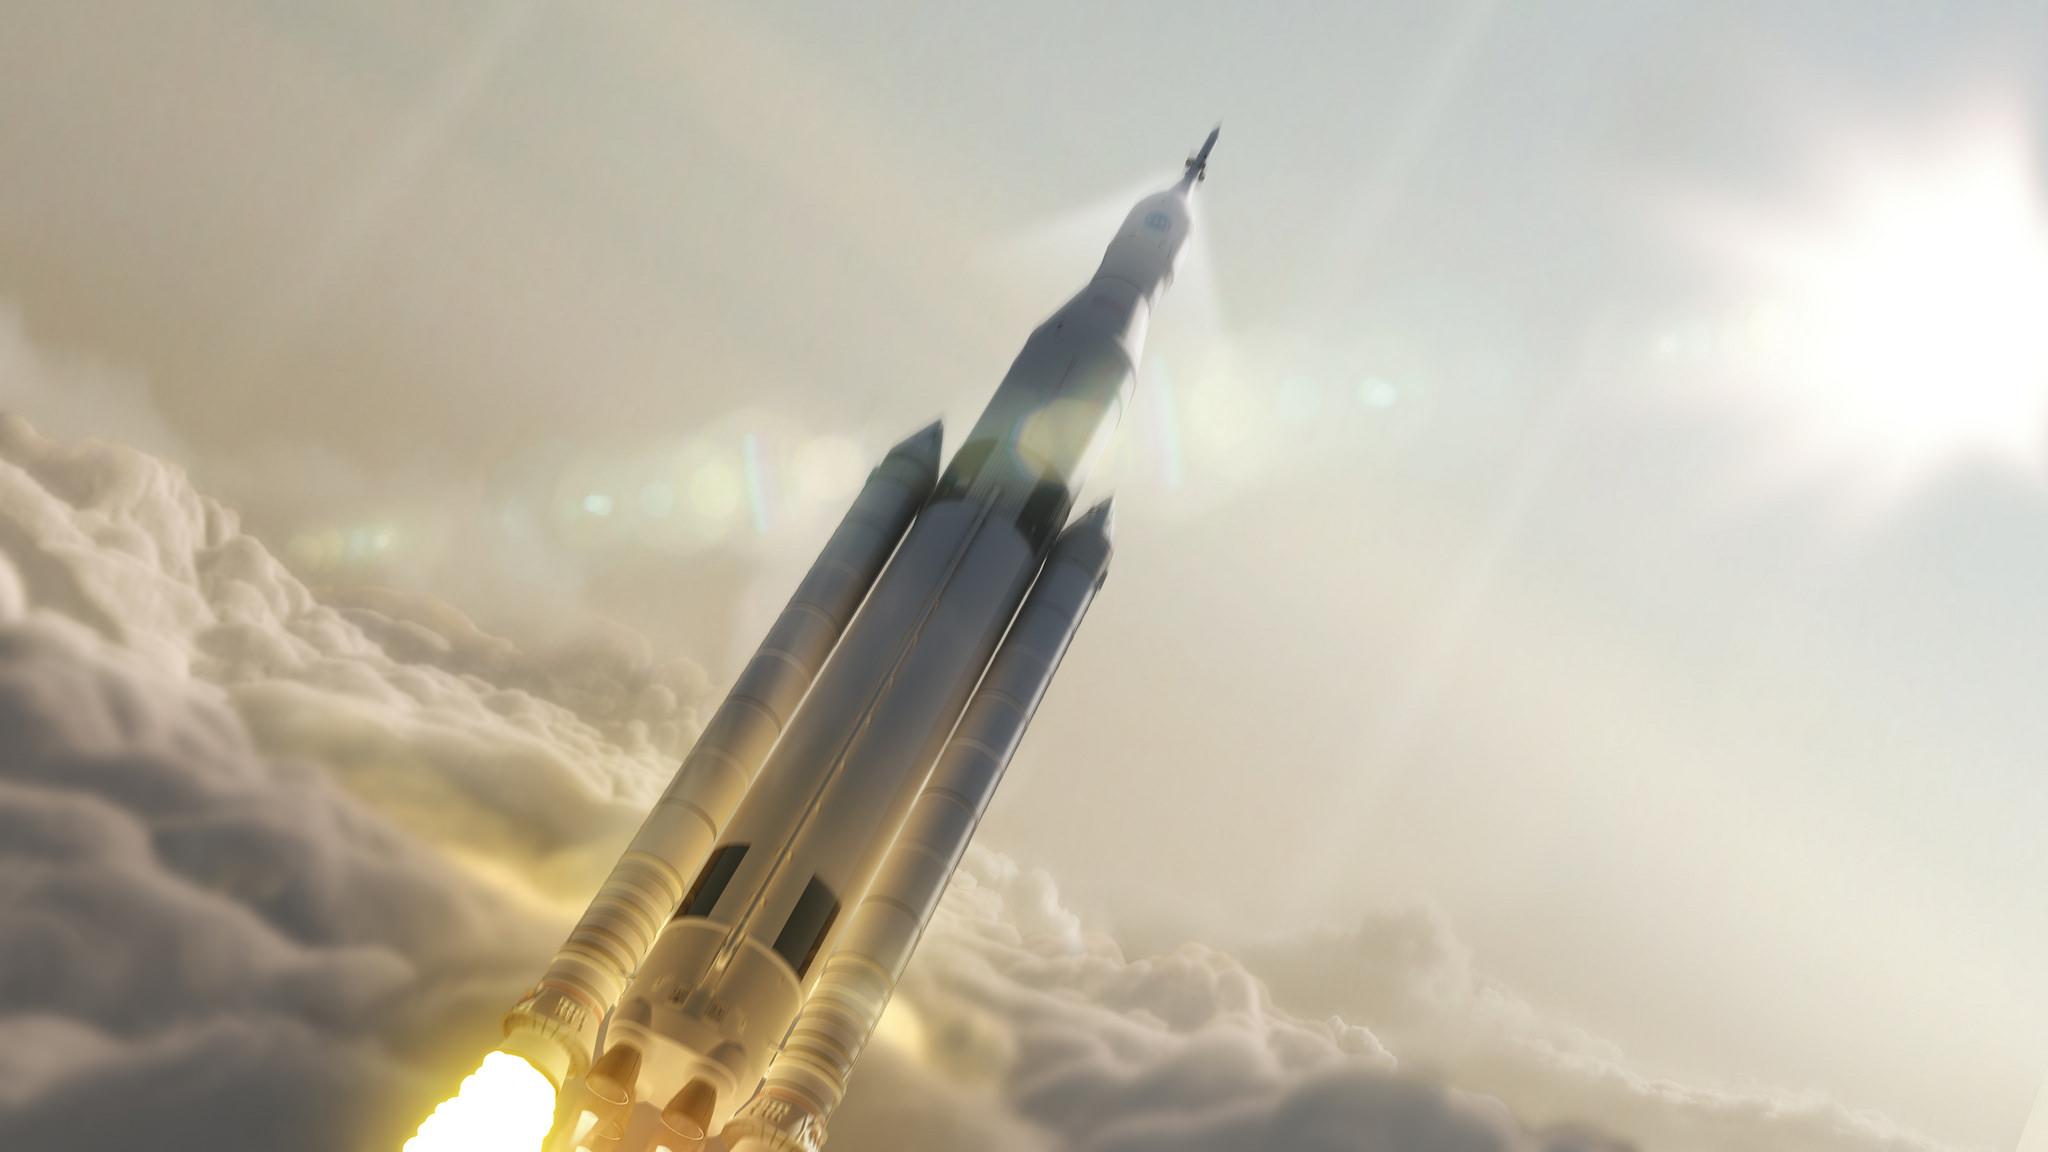 Artist impression van een ruimtevlucht. – © NASA / MSFC